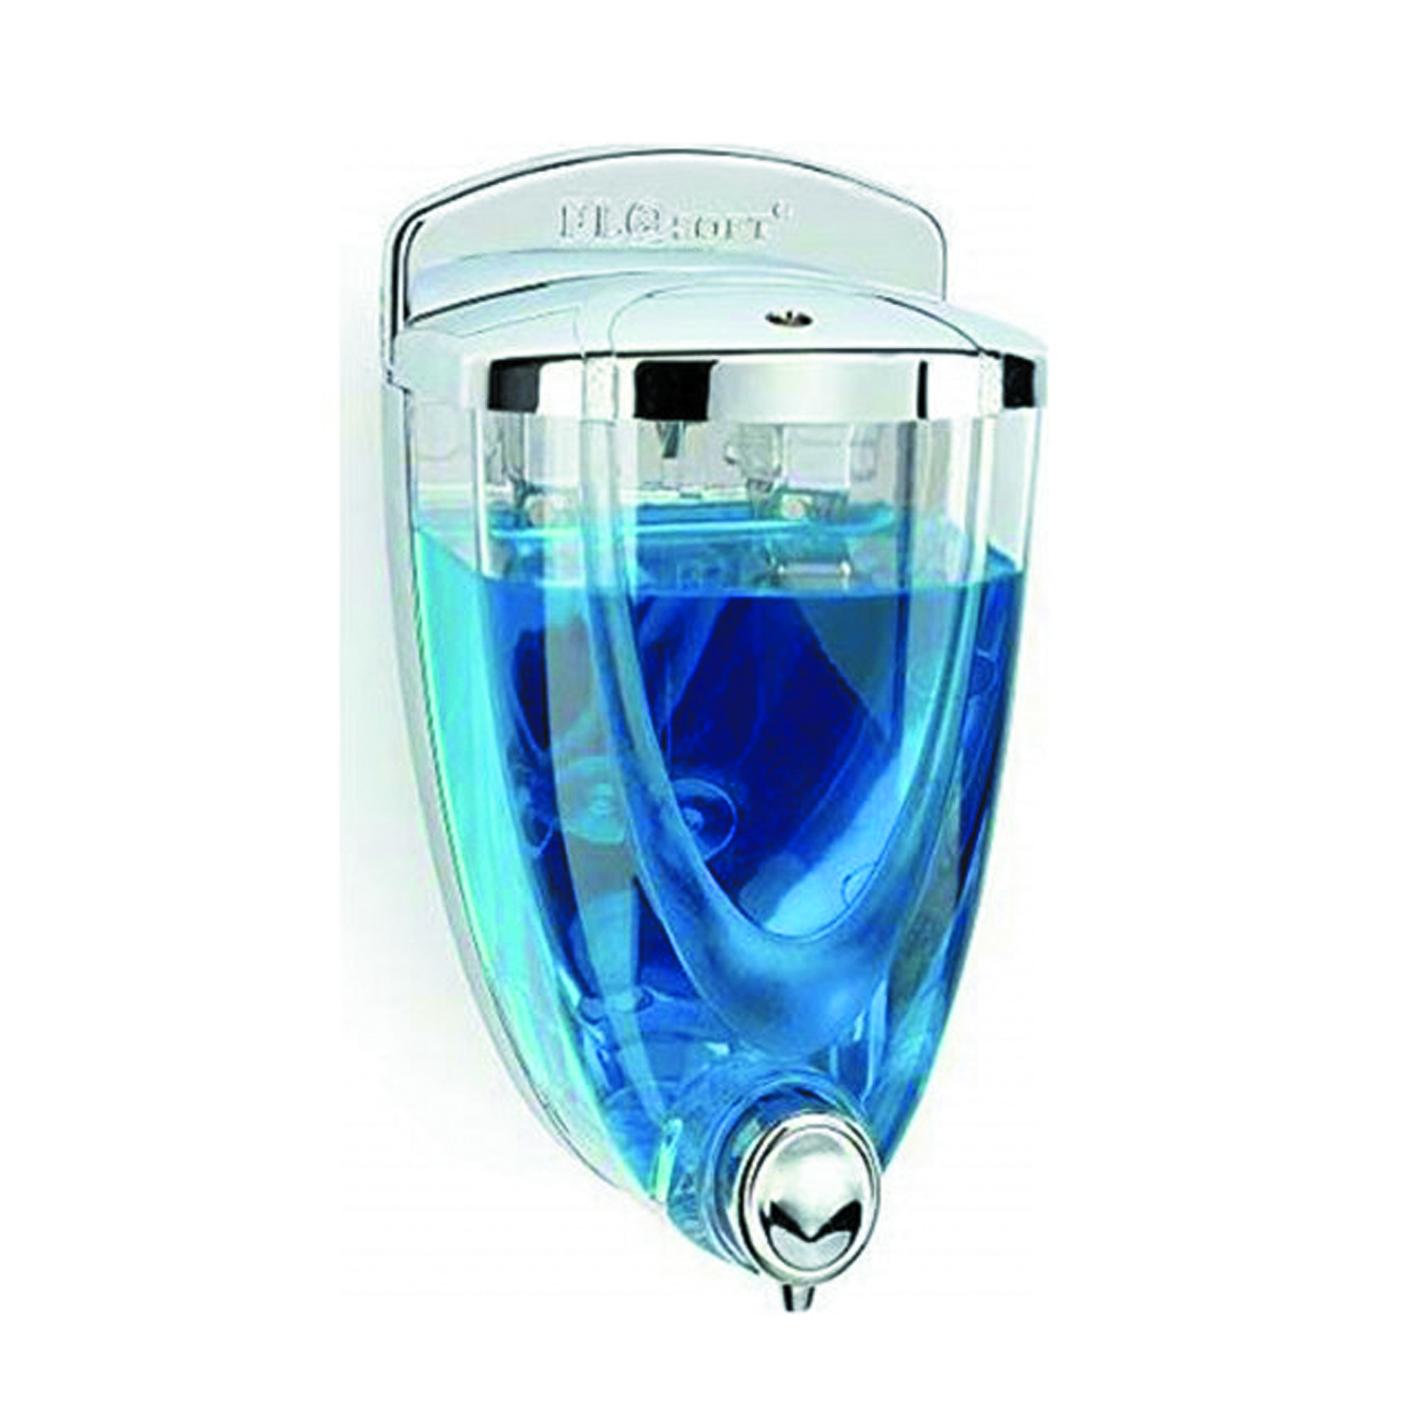 Flosoft Sıvı Sabunluk 650Ml Krom